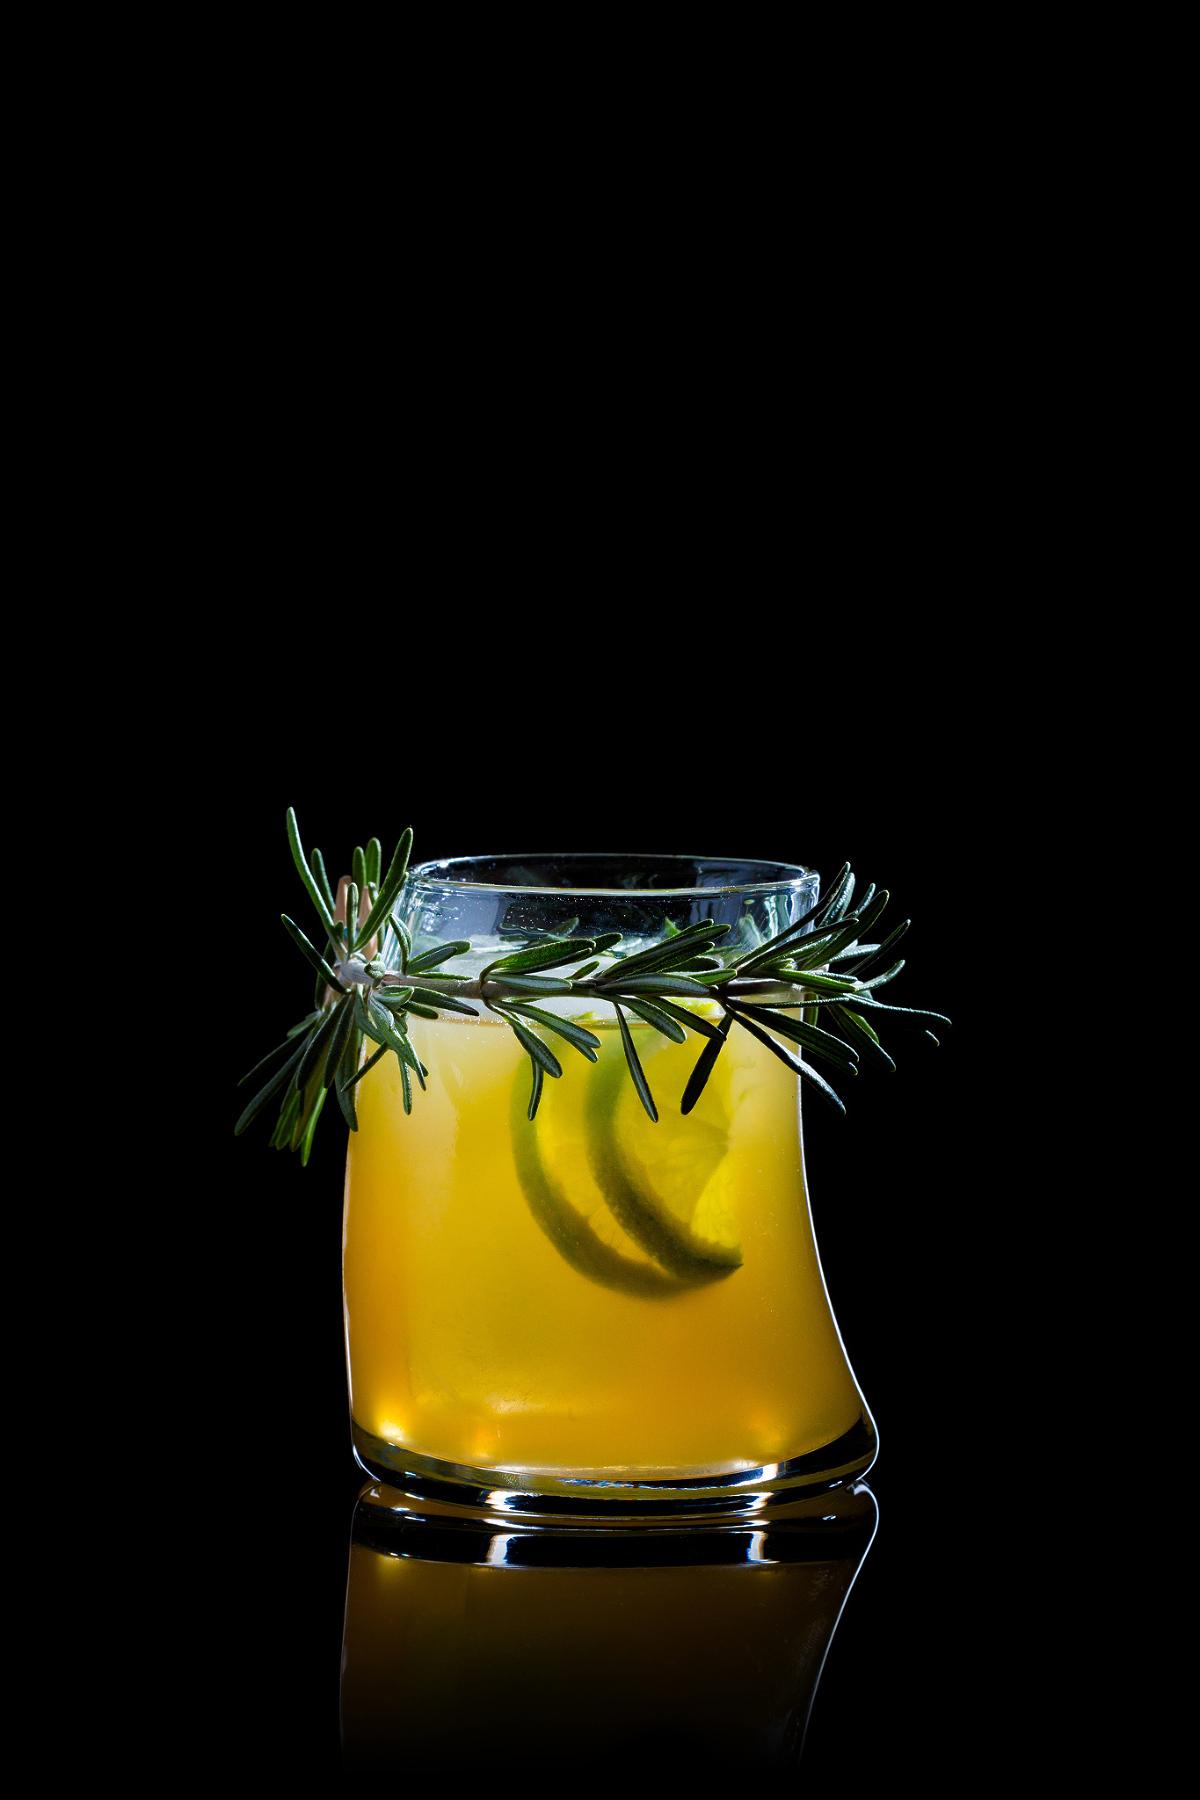 fotografia reklamowa bielsko sesja drinkow 01 Zdjęcia reklamowe Bielsko   sesja barowa